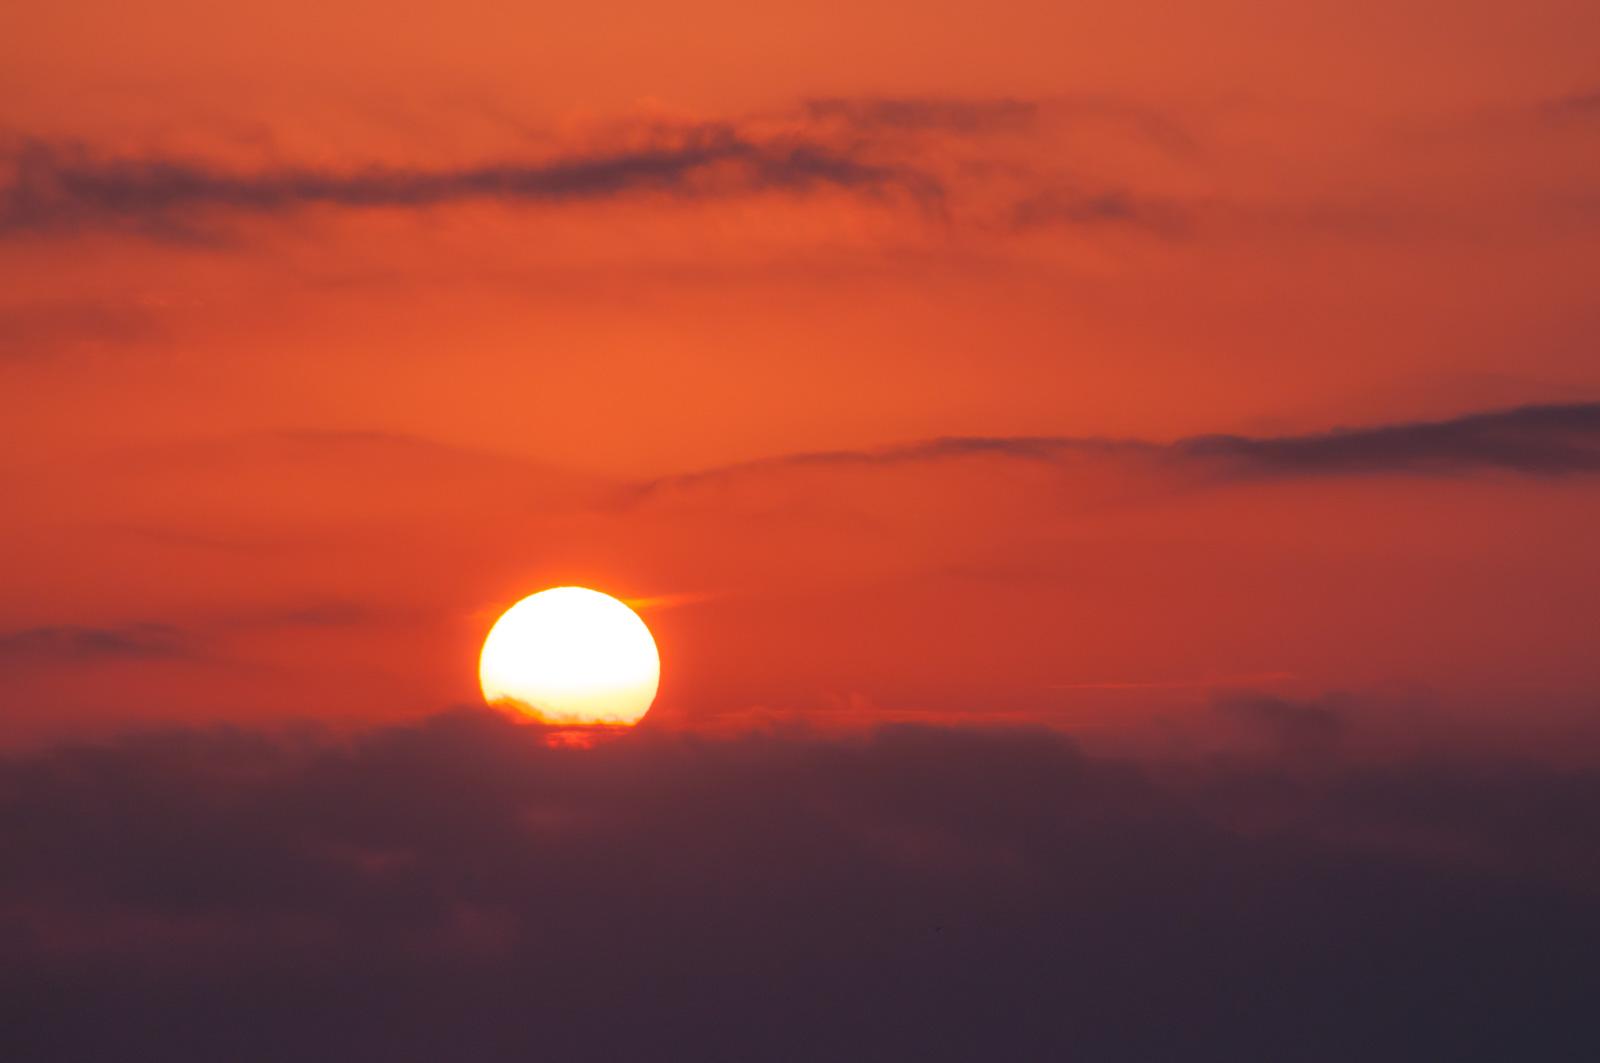 伊豆で朝日を狙うなら伊東のオレンジビーチ!海から昇る朝日を撮ろう